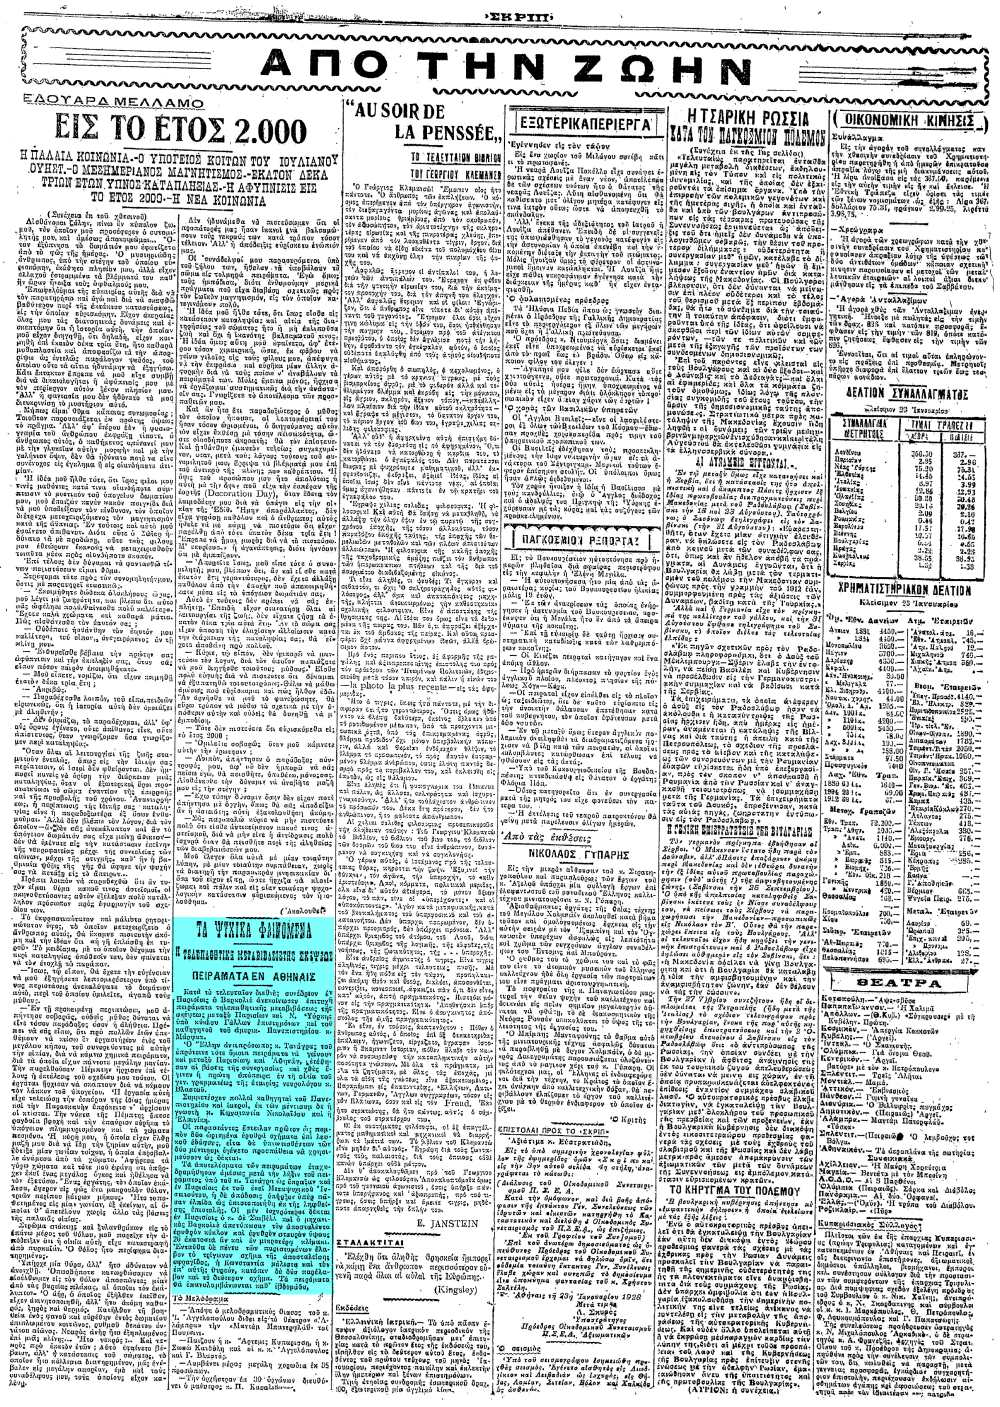 """Το άρθρο, όπως δημοσιεύθηκε στην εφημερίδα """"ΣΚΡΙΠ"""", στις 24/01/1928"""